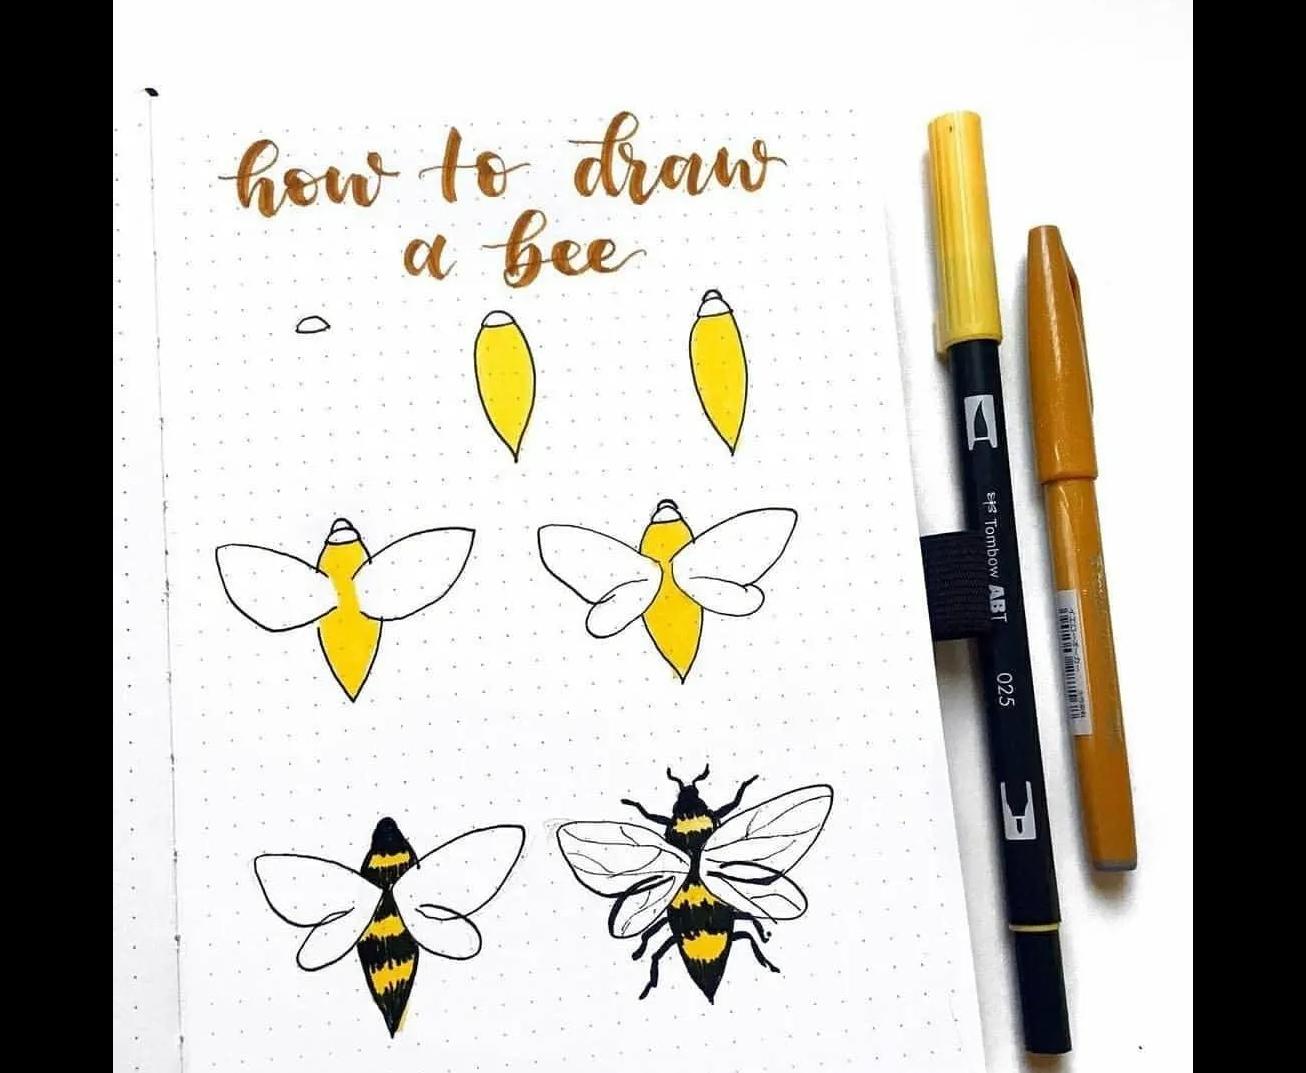 Con ong vẽ nguệch ngoạc